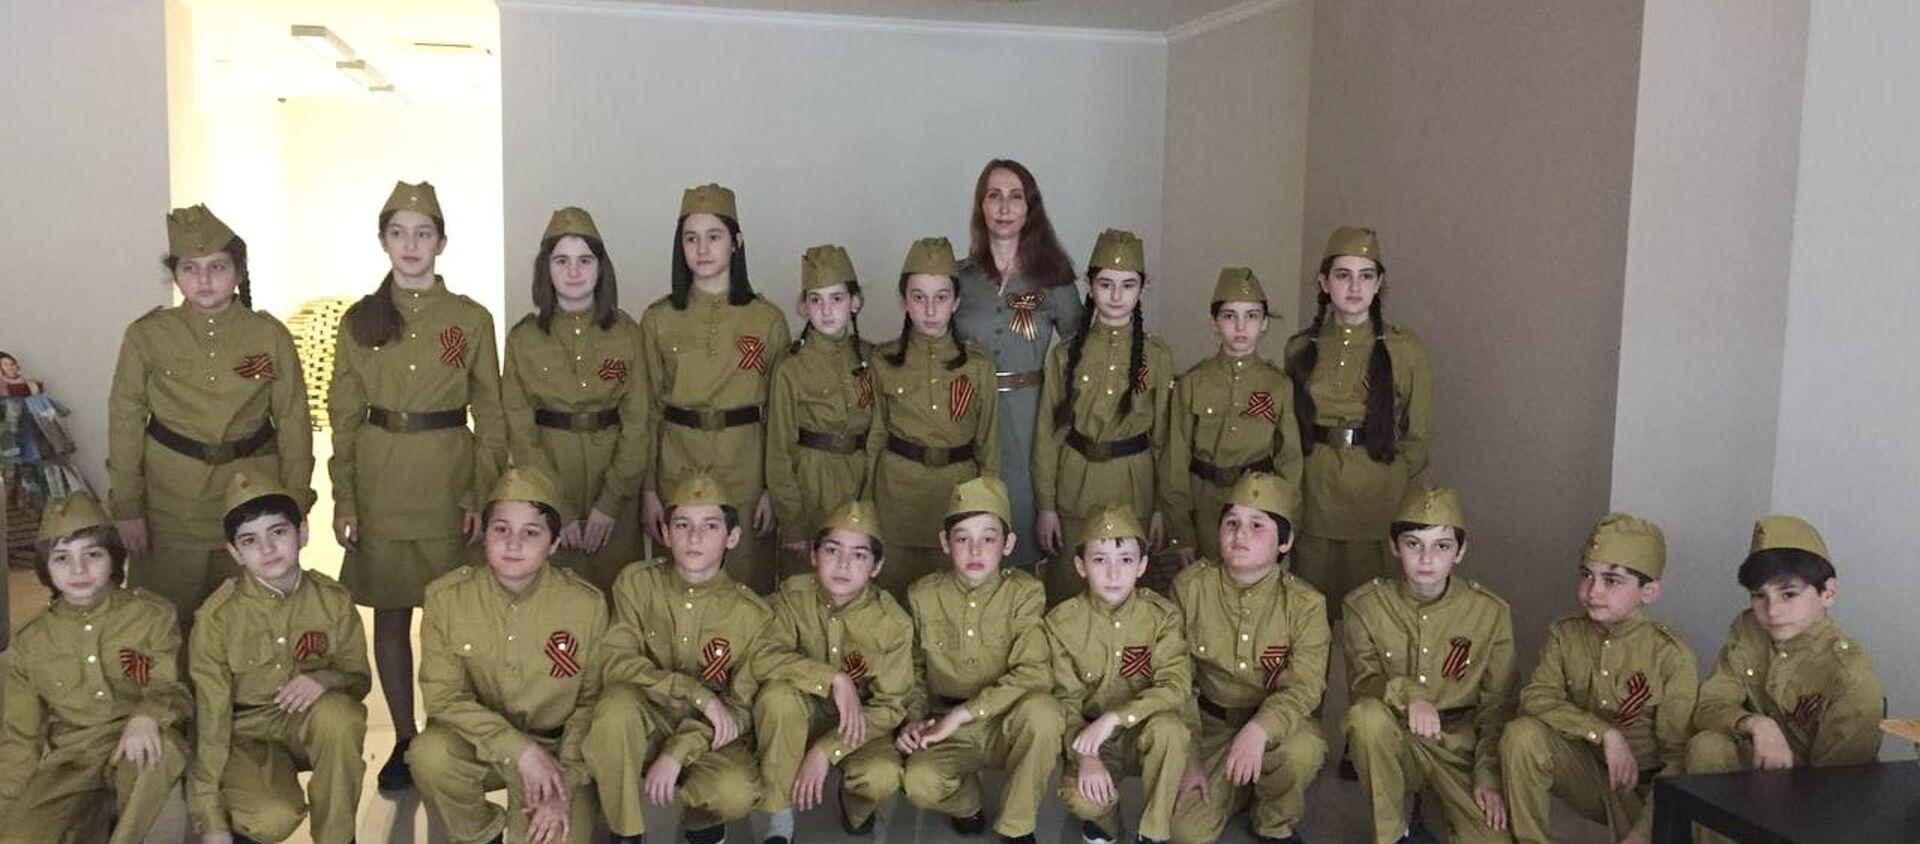 Показ военных фильмов в честь Дня Победы организовали в Сухуме  - Sputnik Аҧсны, 1920, 06.05.2021